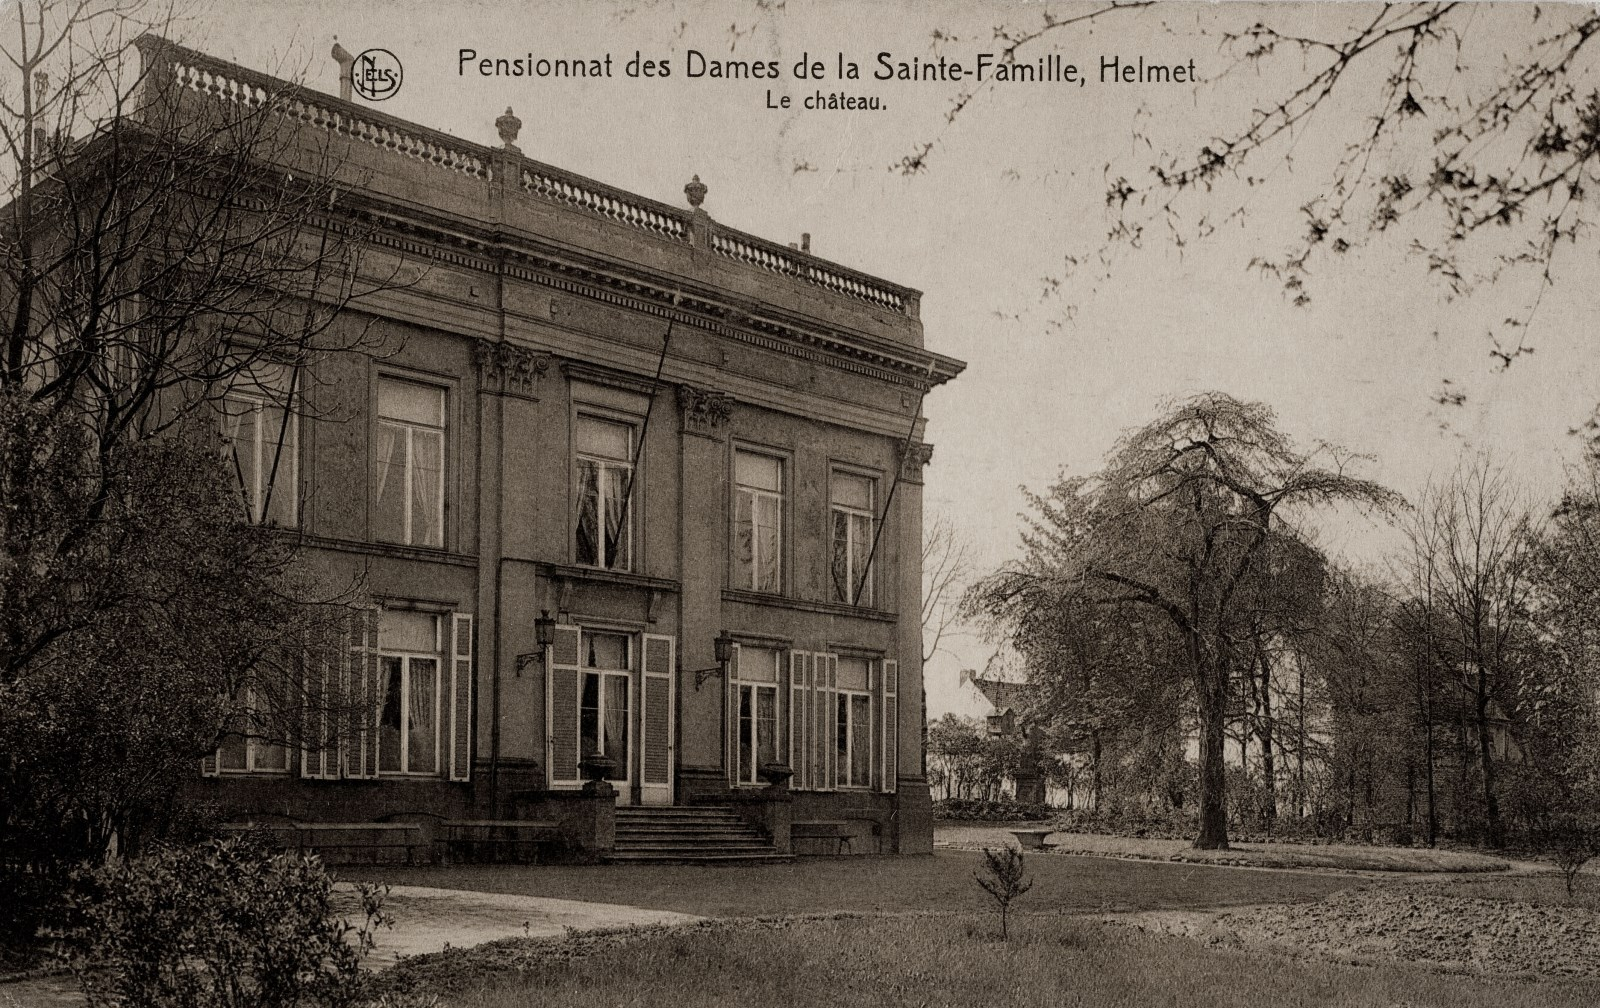 Institut de la Sainte-Famille d'Helmet, château, façade vers le parc © (Collection Dexia Banque-ARB-RBC)